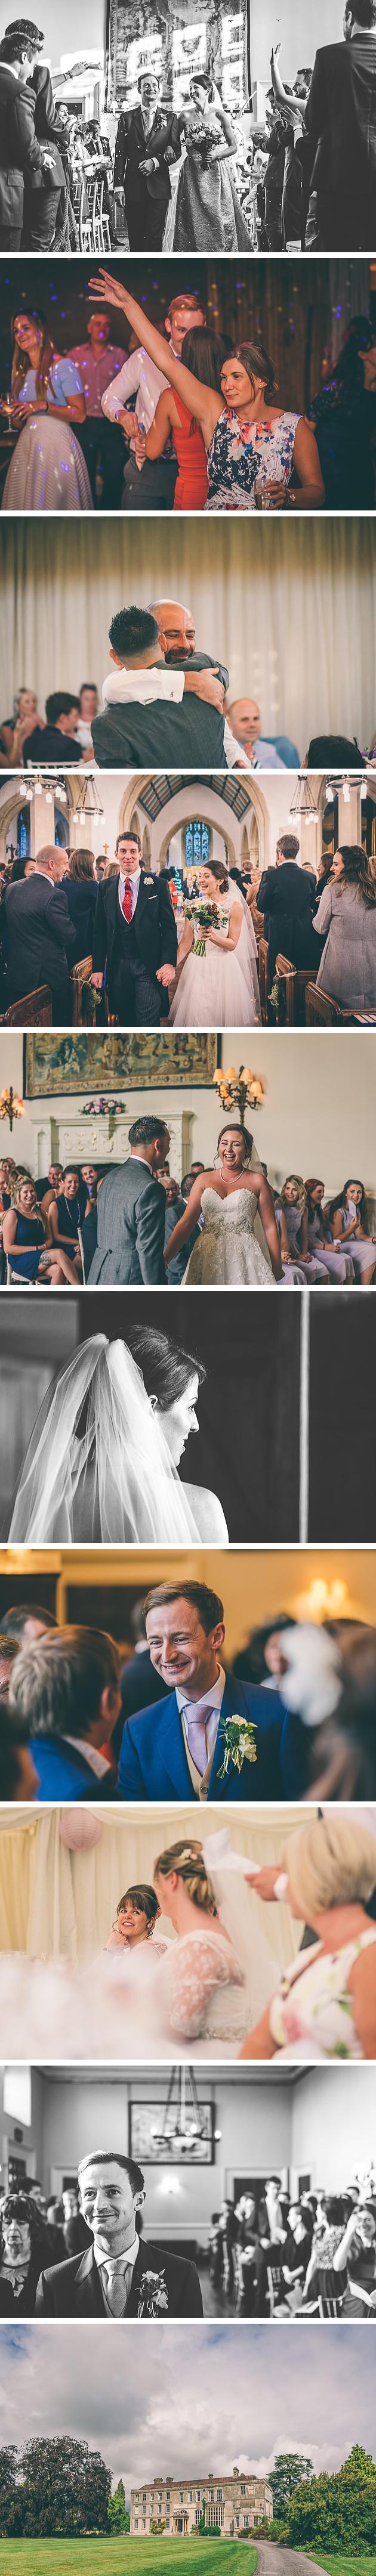 Wedding Ceremony at Elmore Court